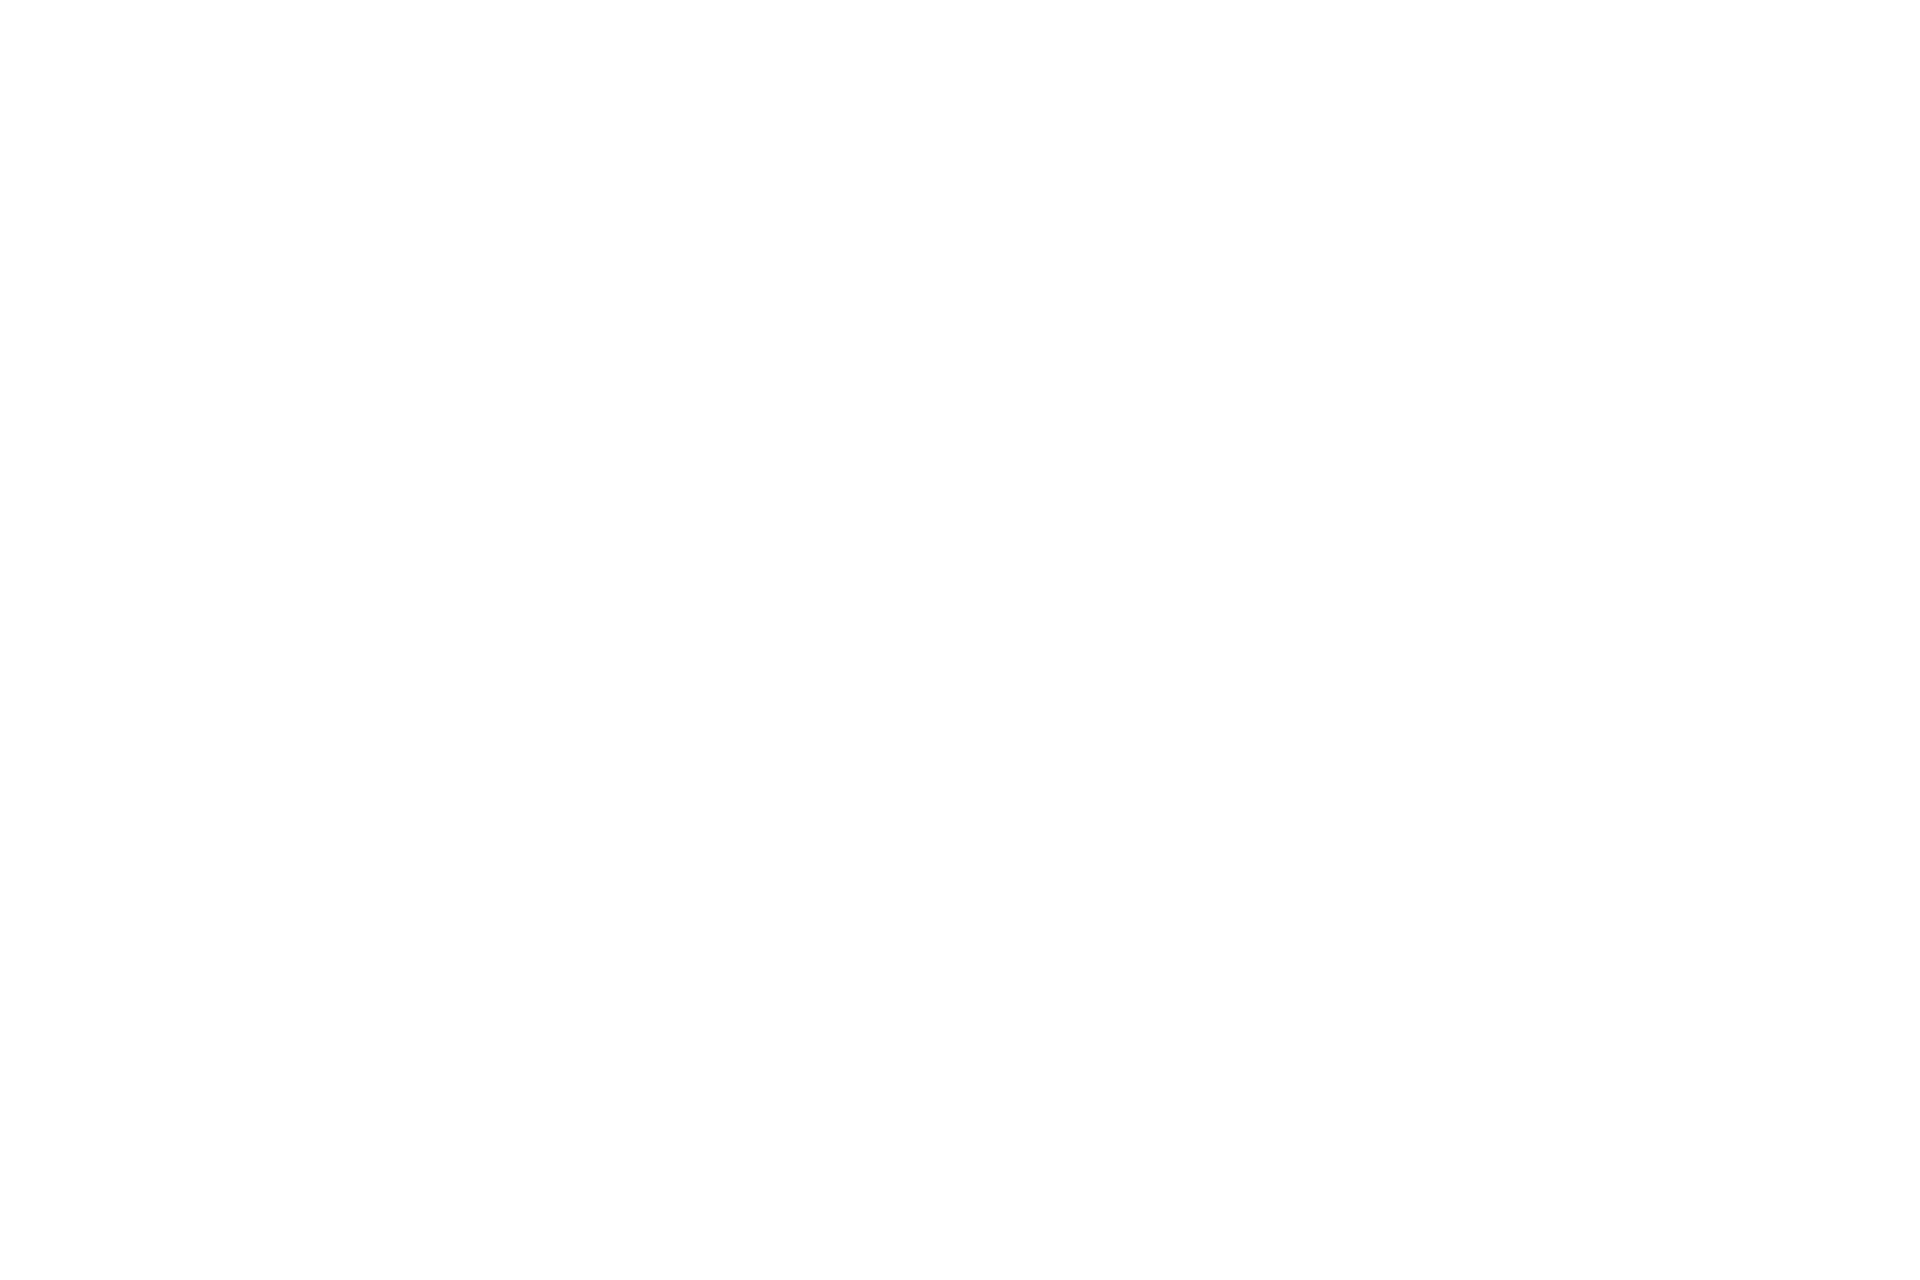 Taller Leed Feb 2017